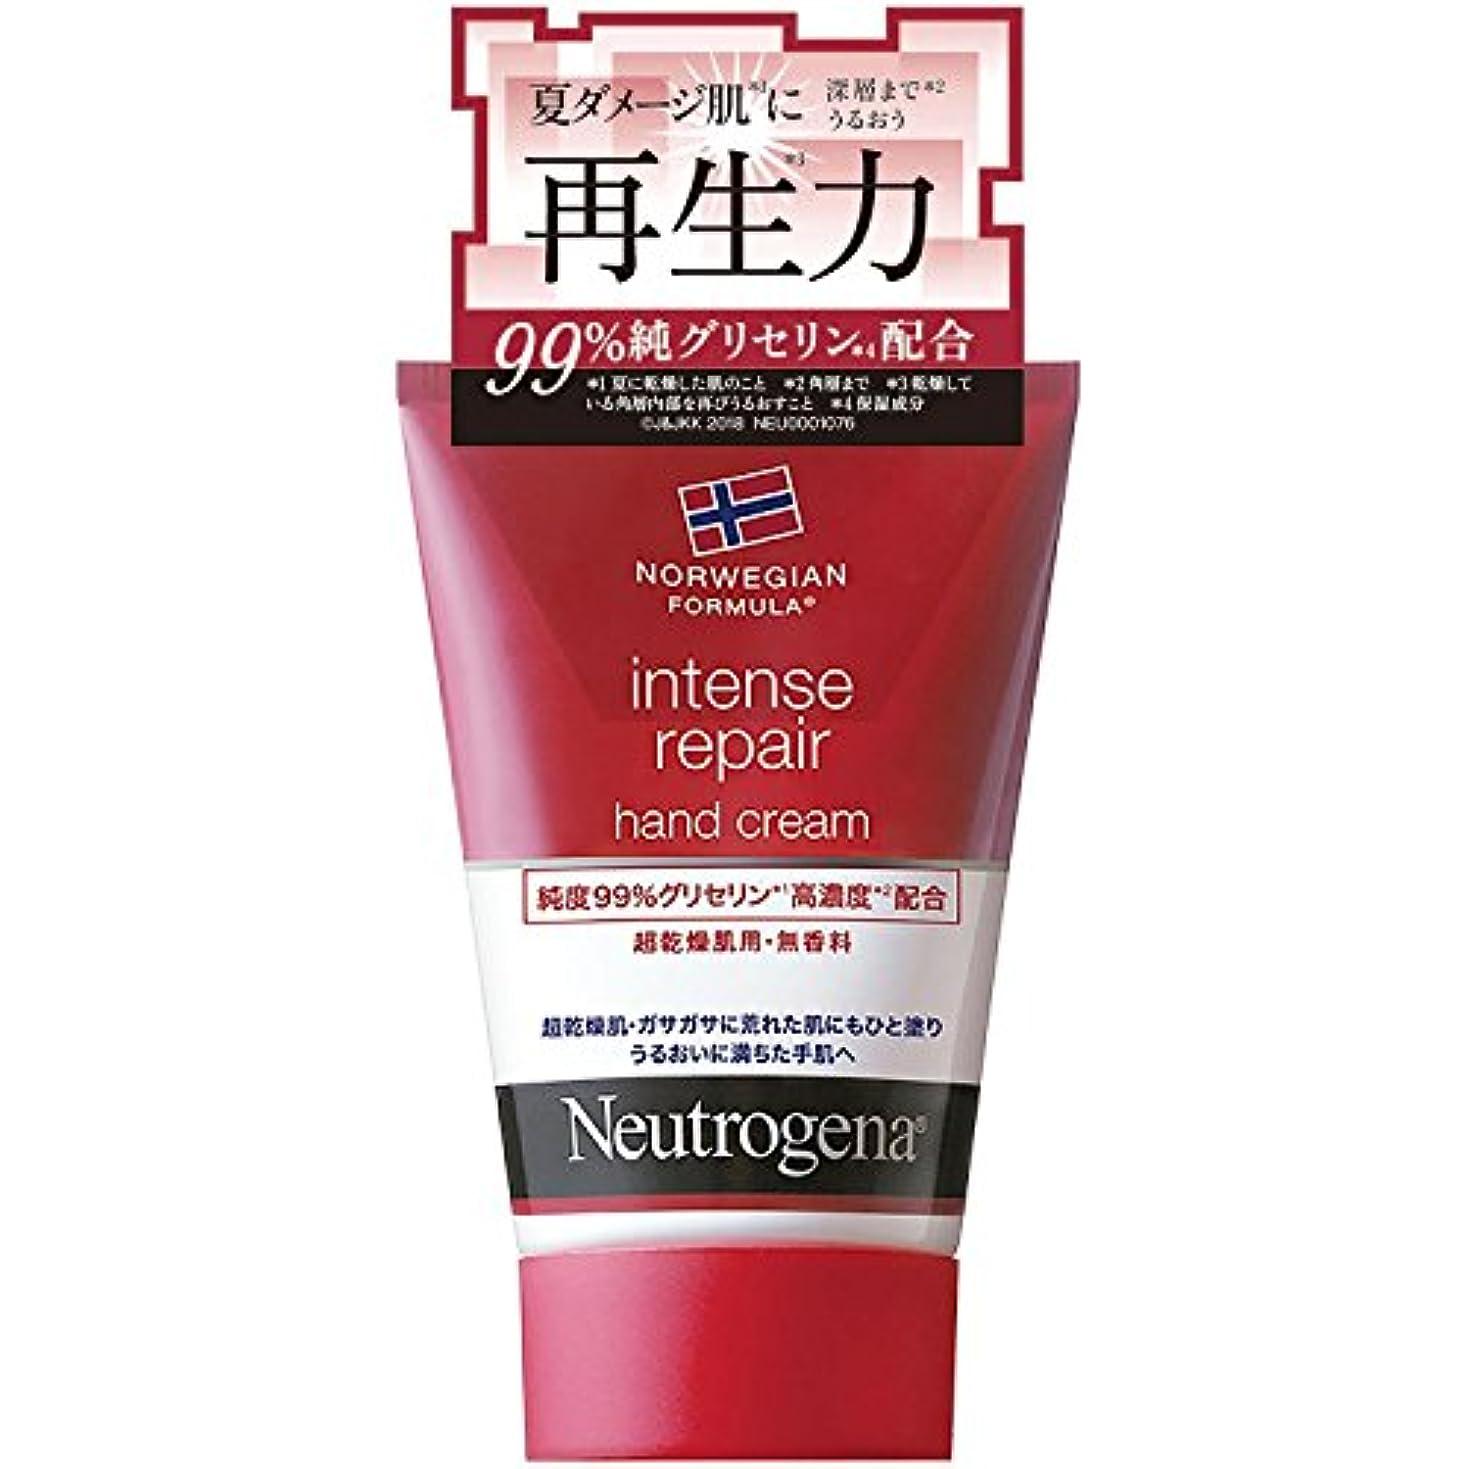 立派な怒りしばしばNeutrogena(ニュートロジーナ) ノルウェーフォーミュラ インテンスリペア ハンドクリーム 超乾燥肌用 無香料 単品 50g